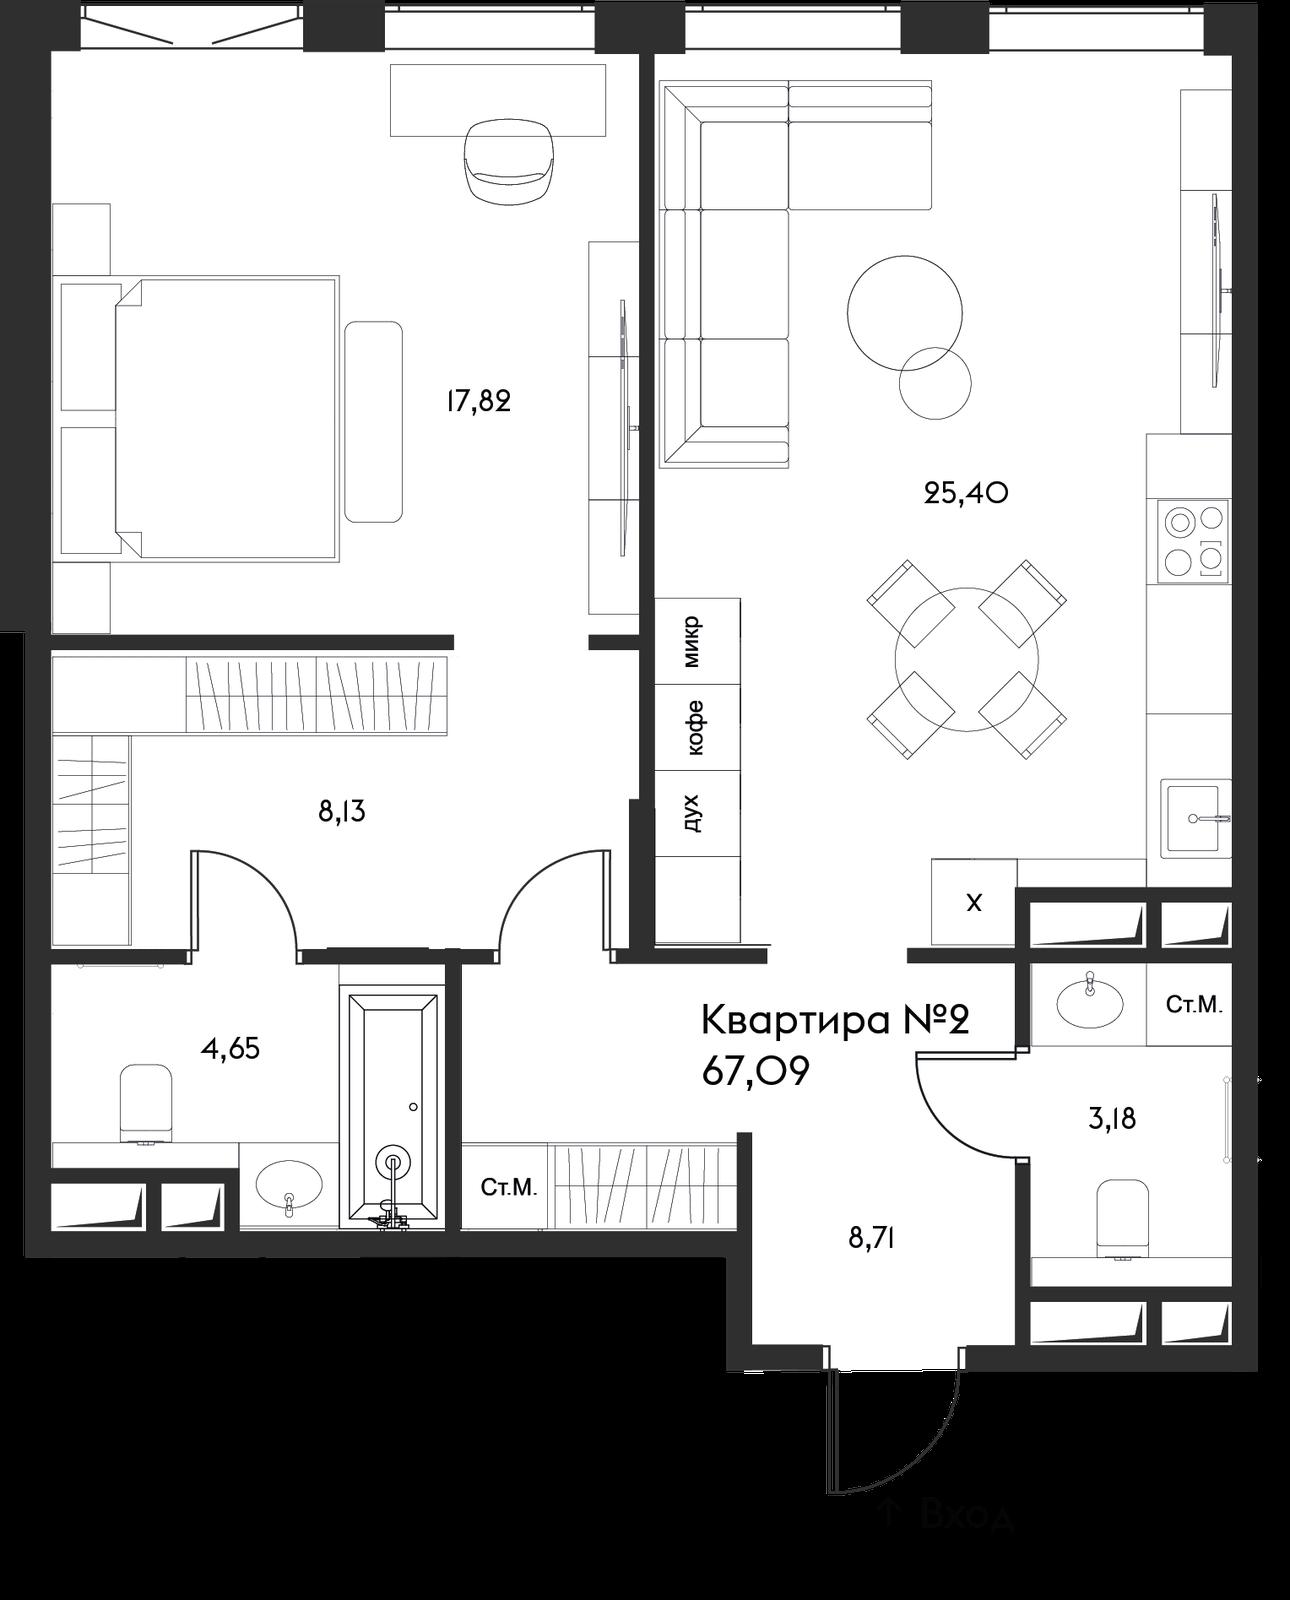 Продаётся 1-комнатная квартира в новостройке 67.1 кв.м. этаж 3/17 за 37 412 748 руб